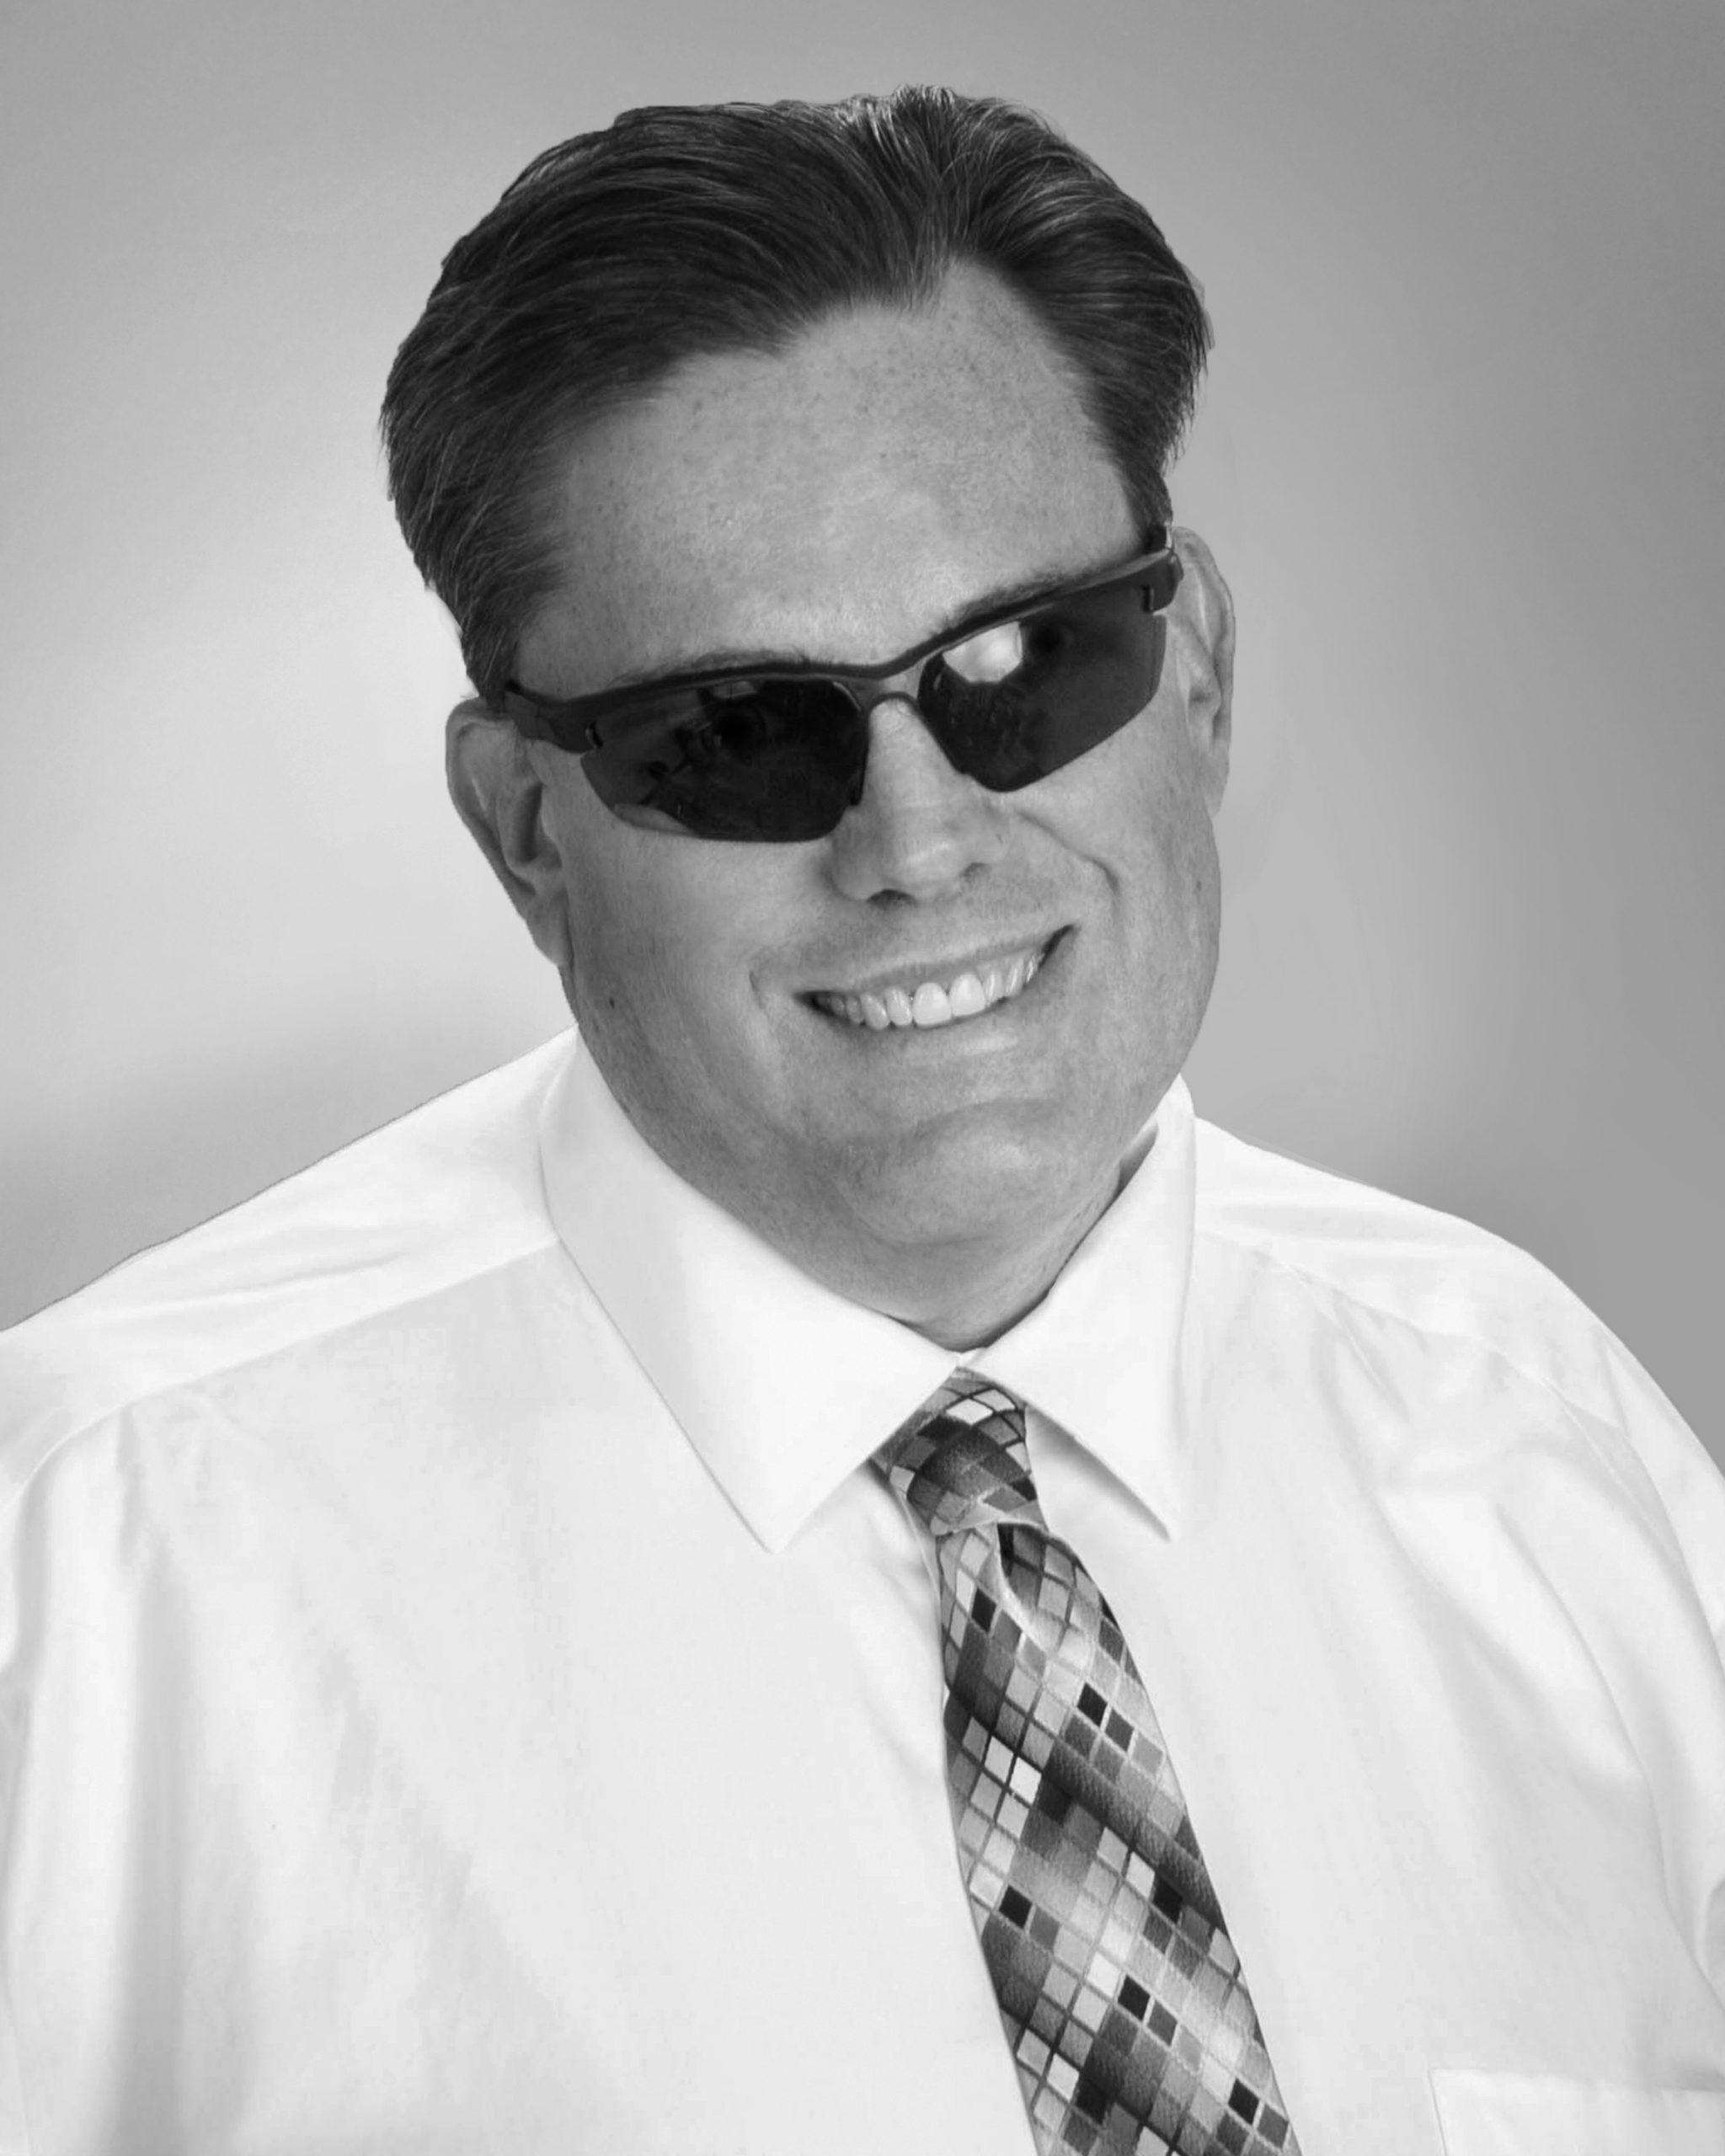 Headshot of Ron Brooks